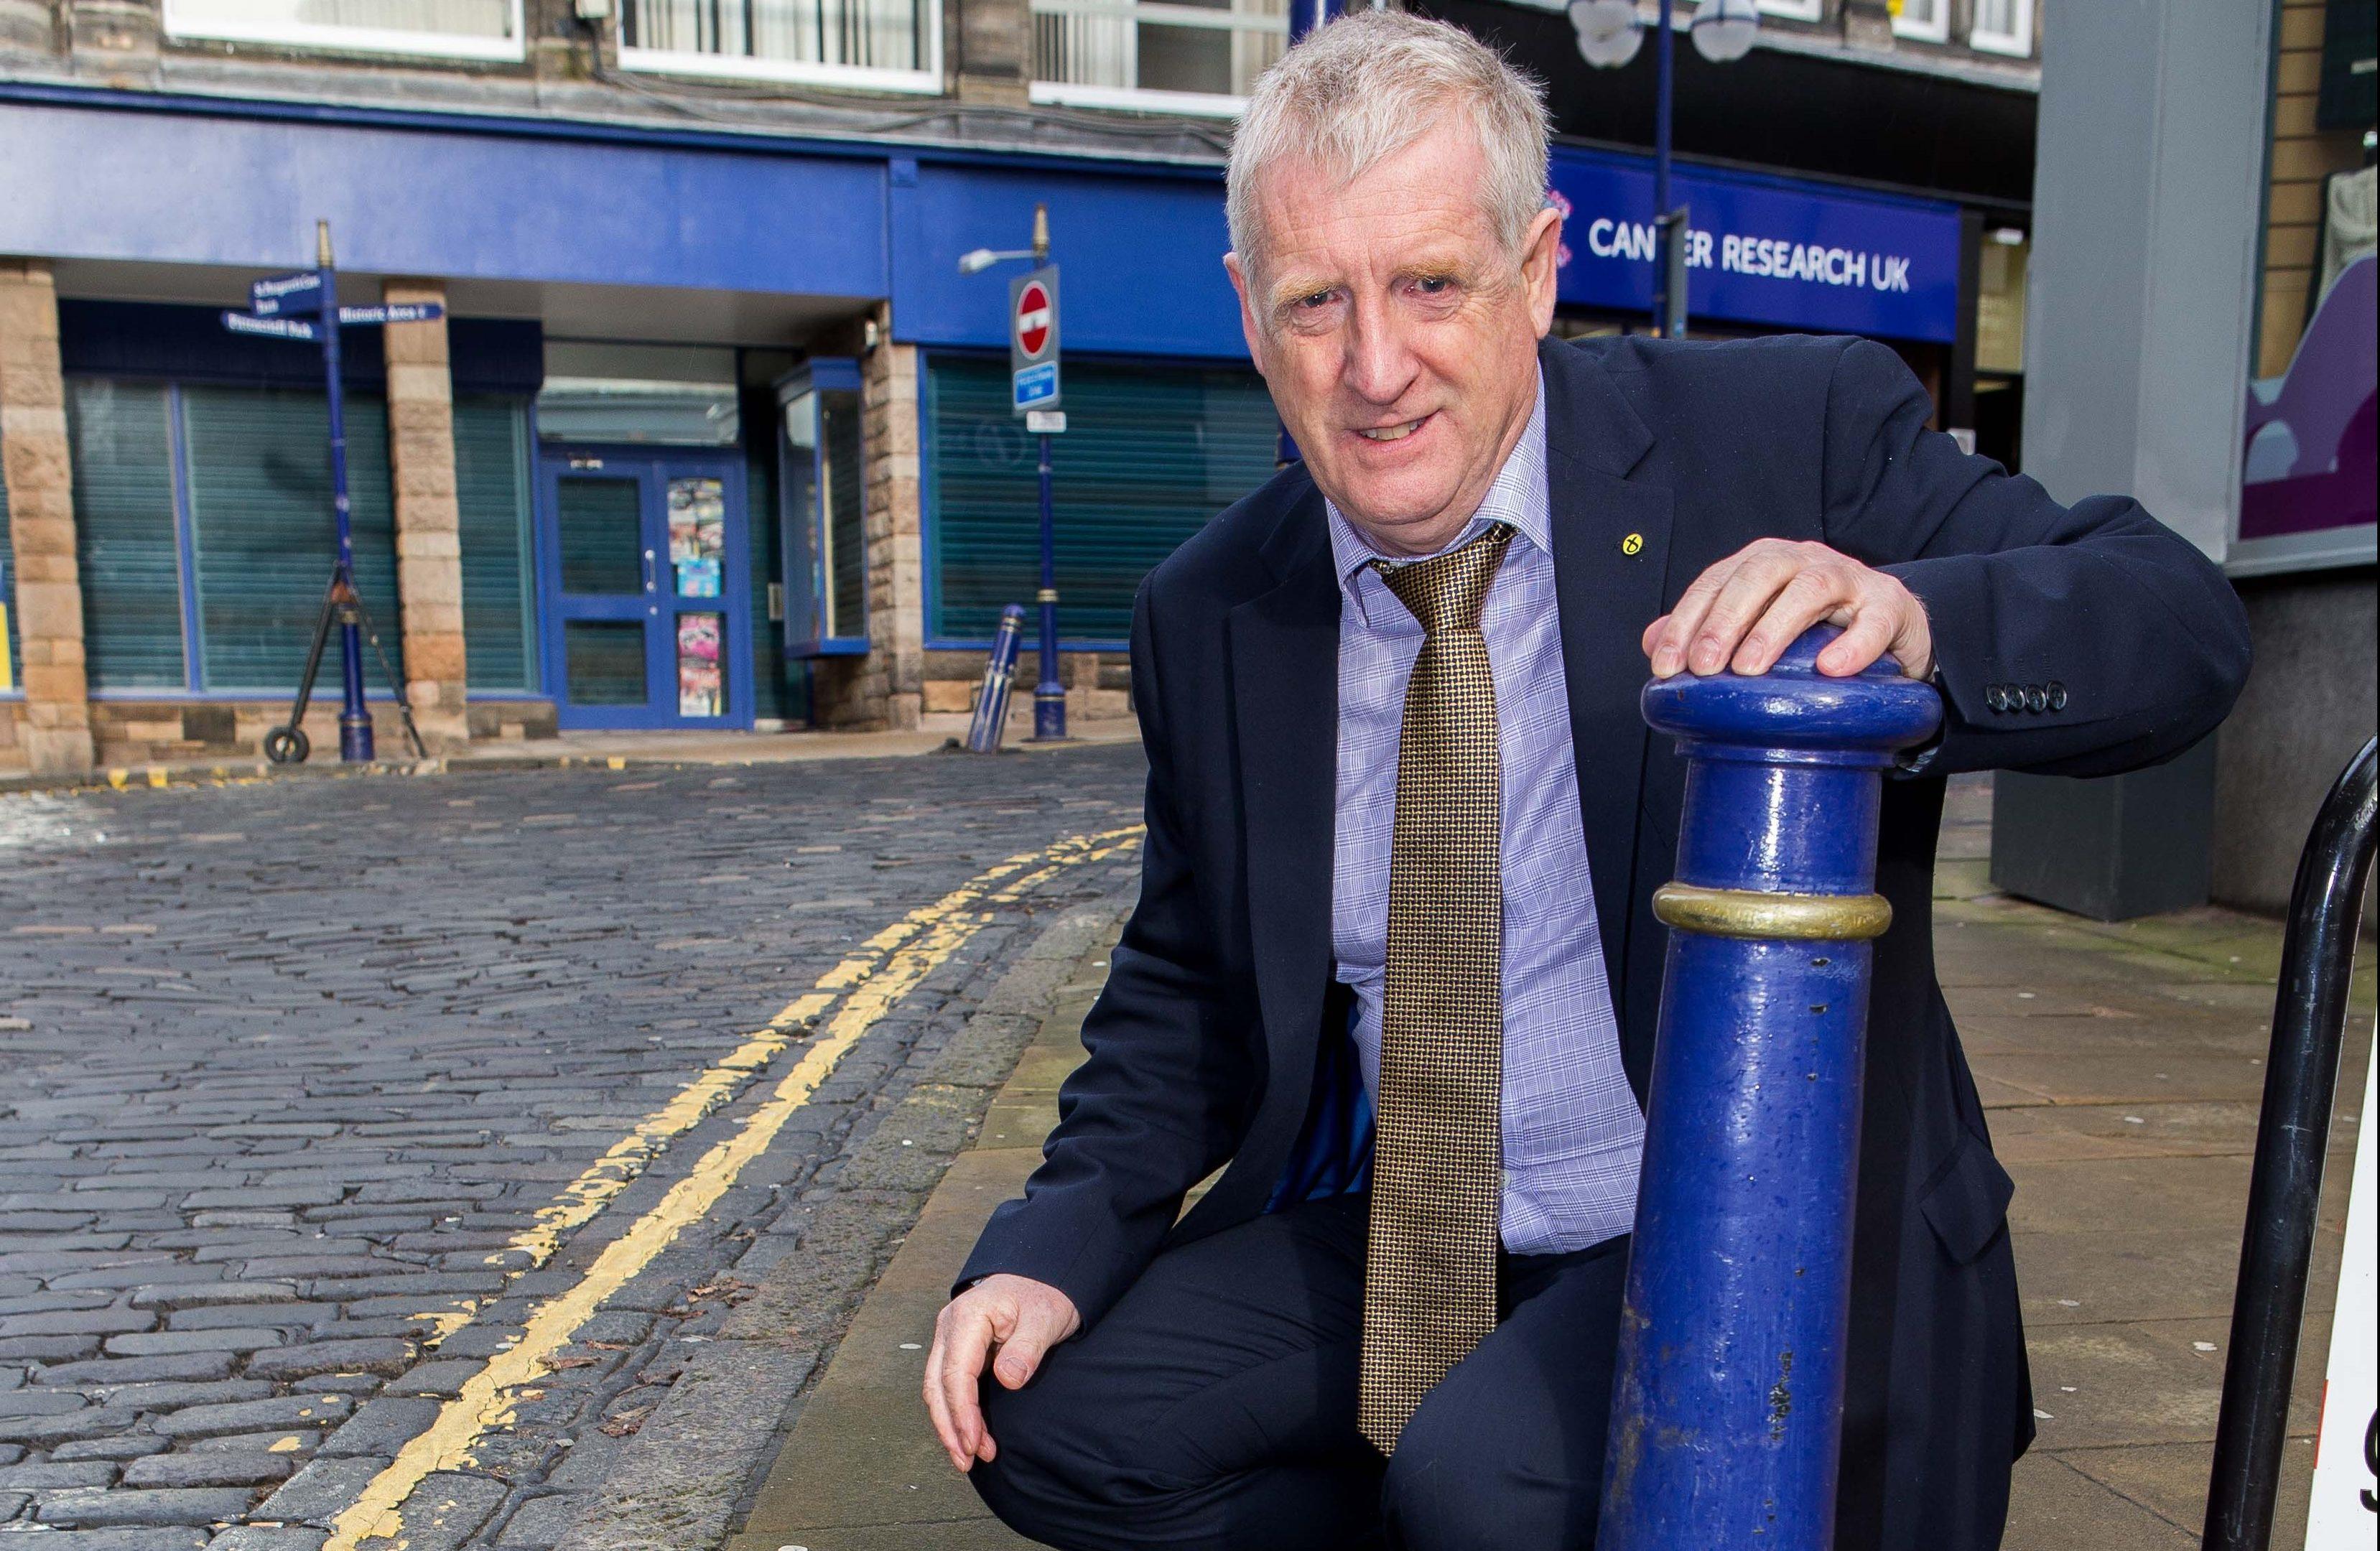 MP Douglas Chapman in Dunfermline.